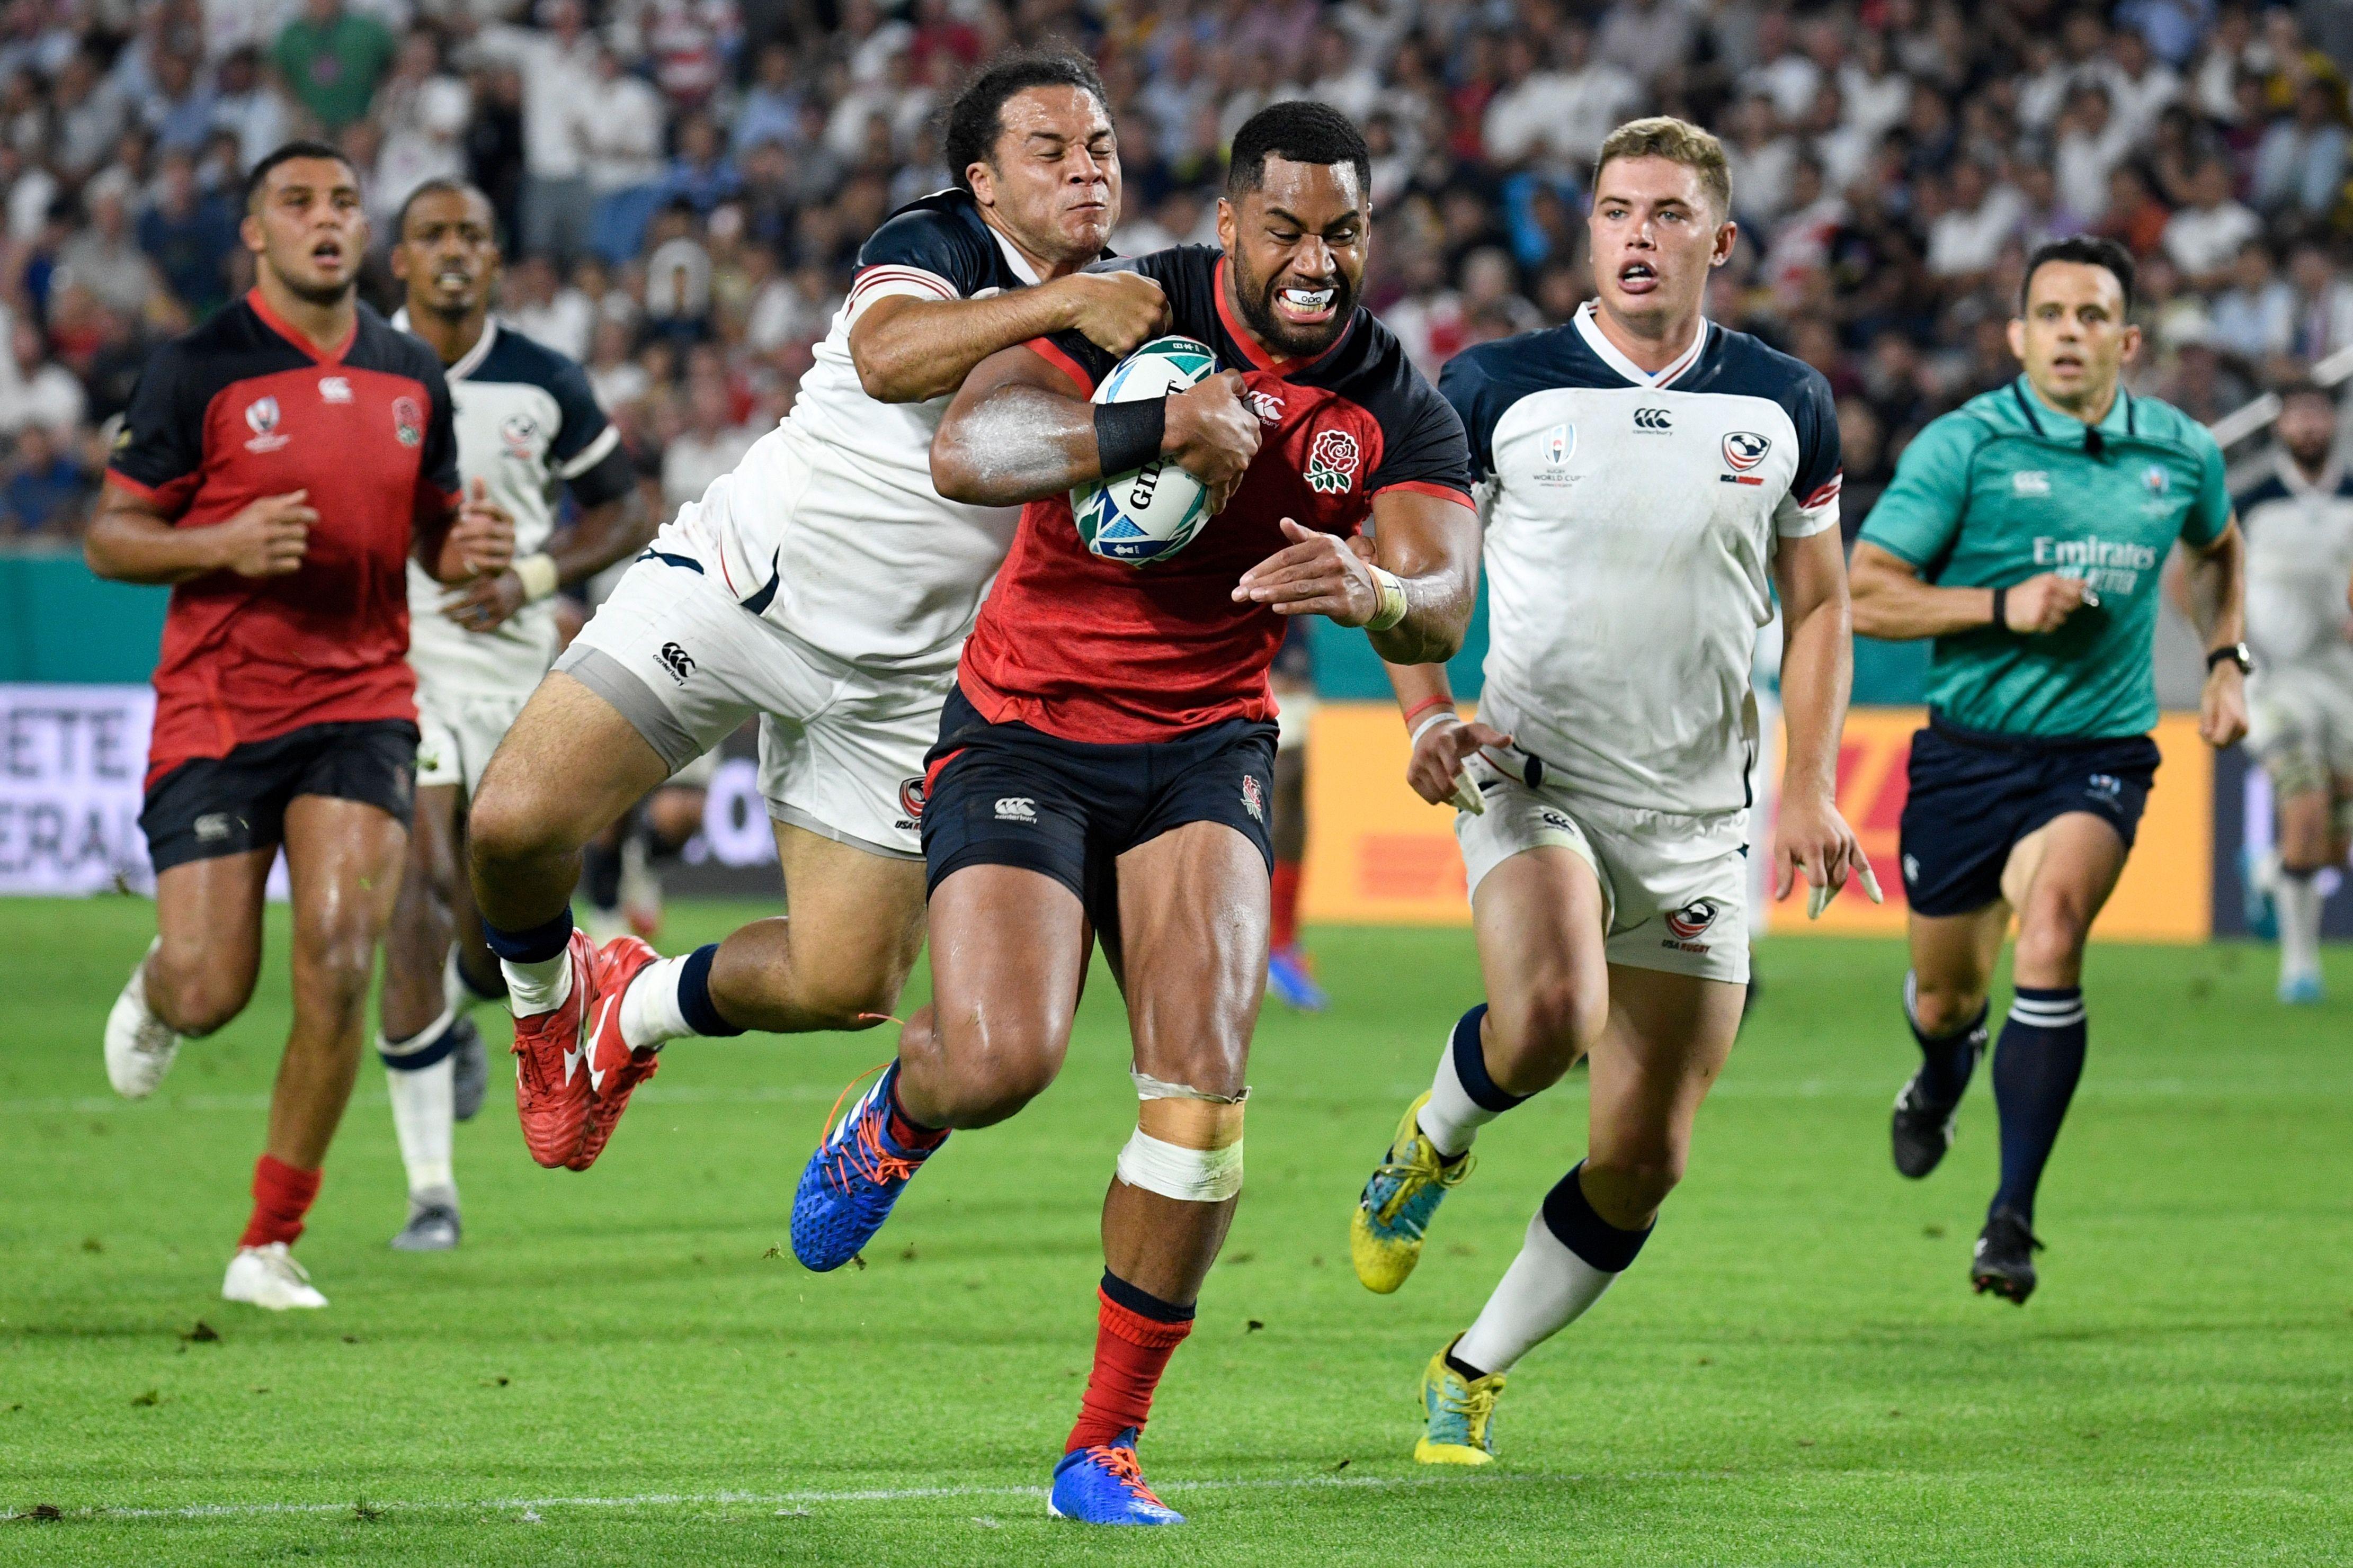 England vs USA rugby